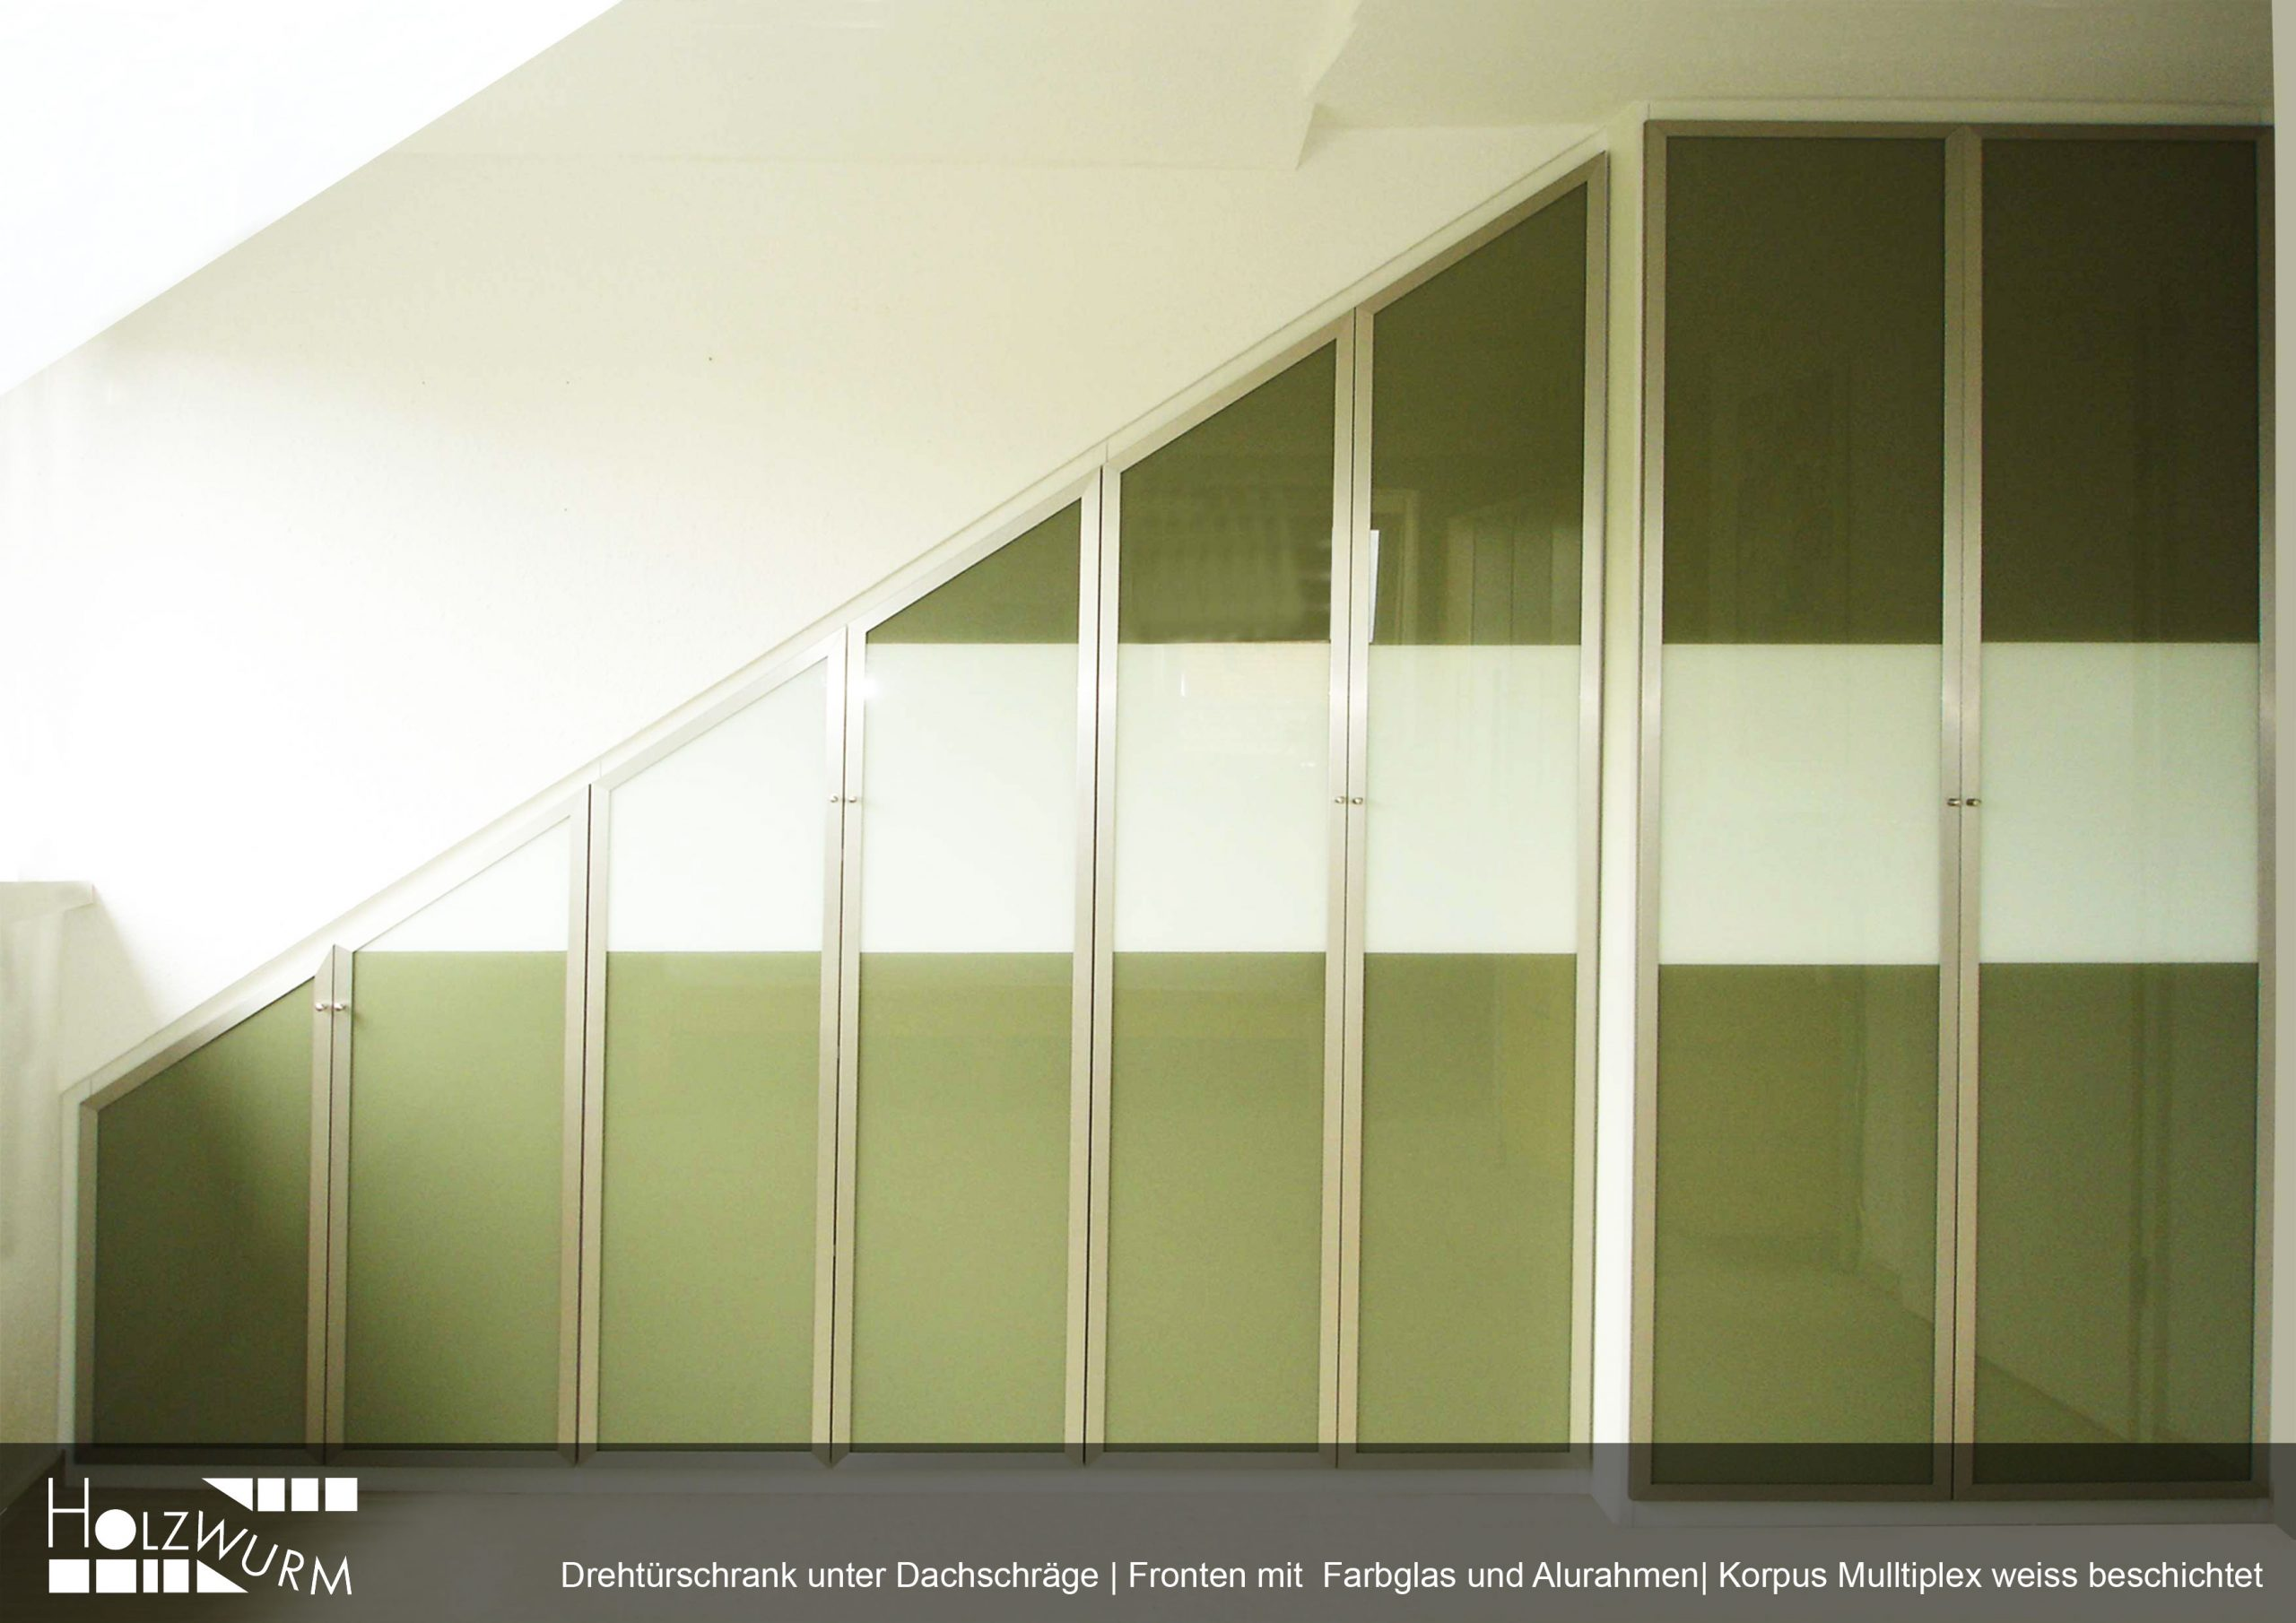 Drehtürschrank Dachschräge Alurahmen Farbglas grün Multiplex weiss beschichtet